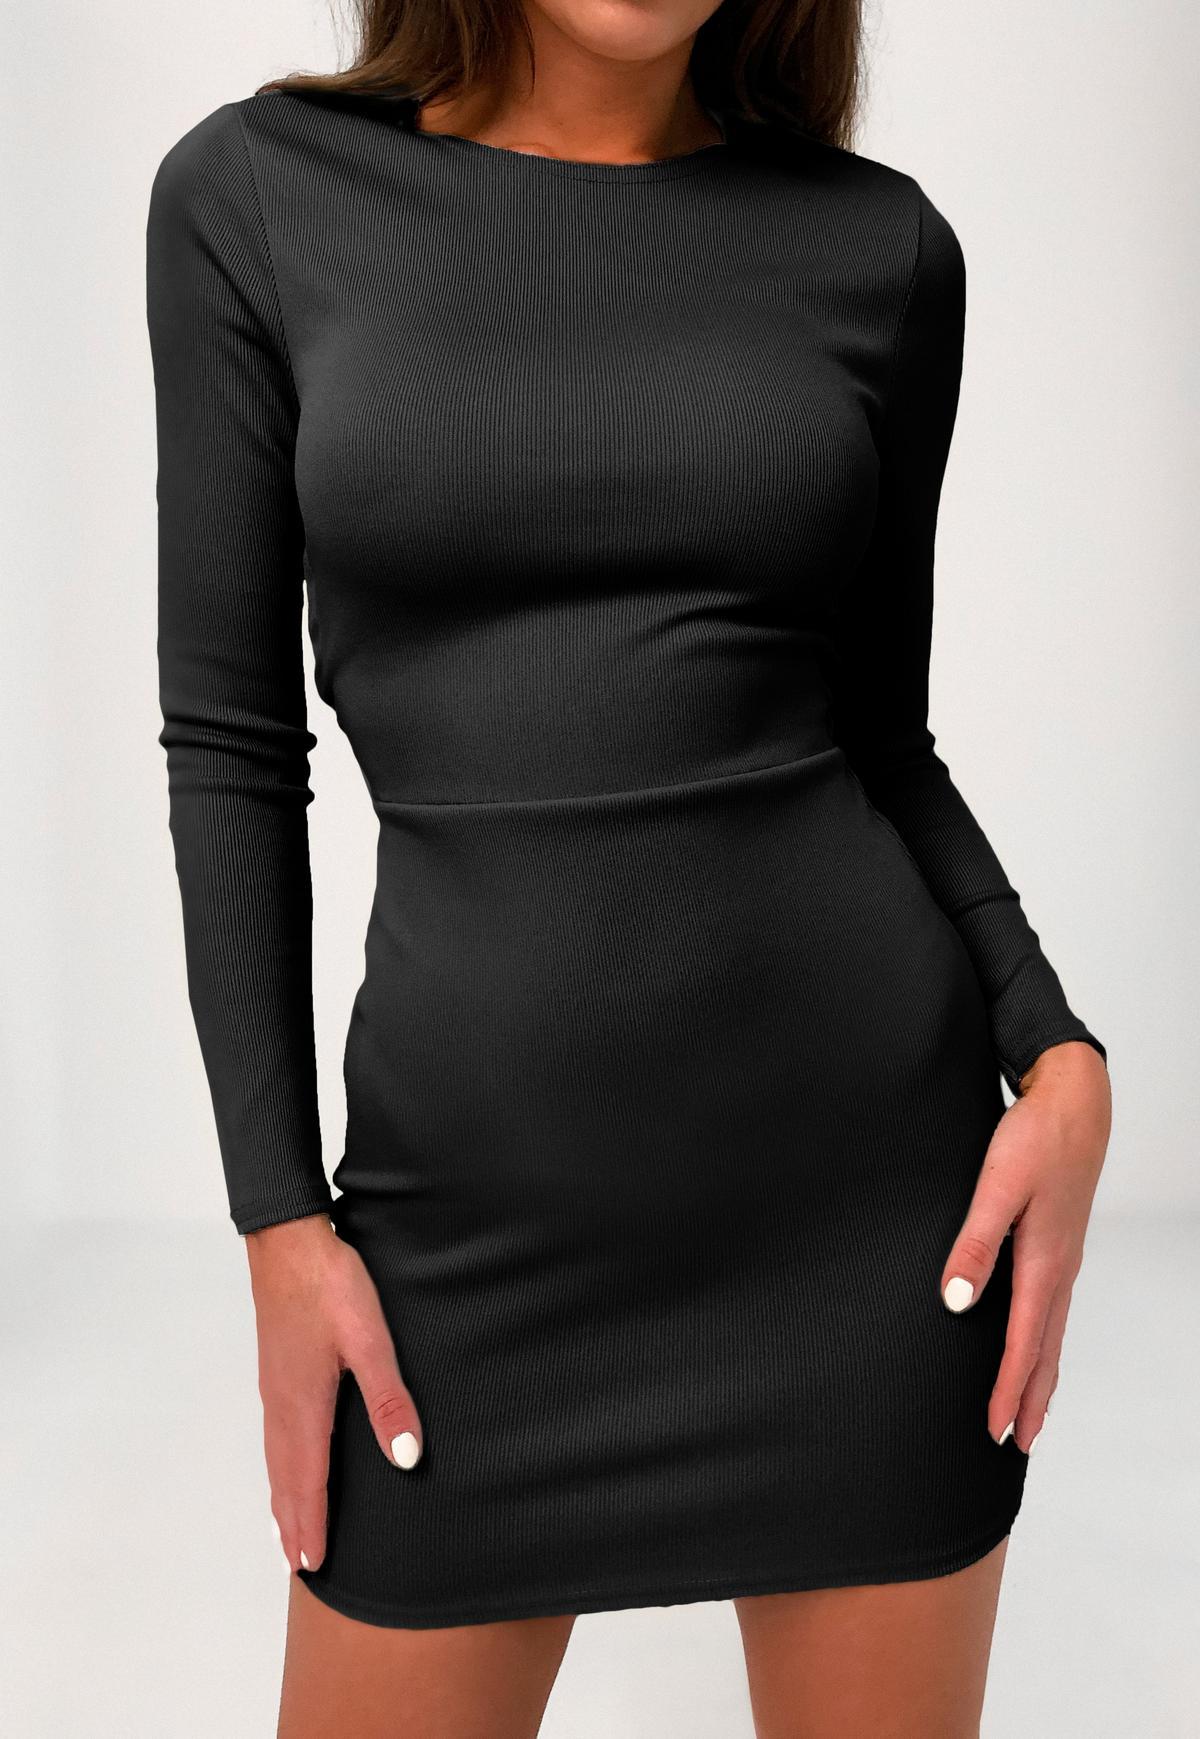 rückenfreies minikleid mit rückenbindung und langen Ärmeln in schwarz